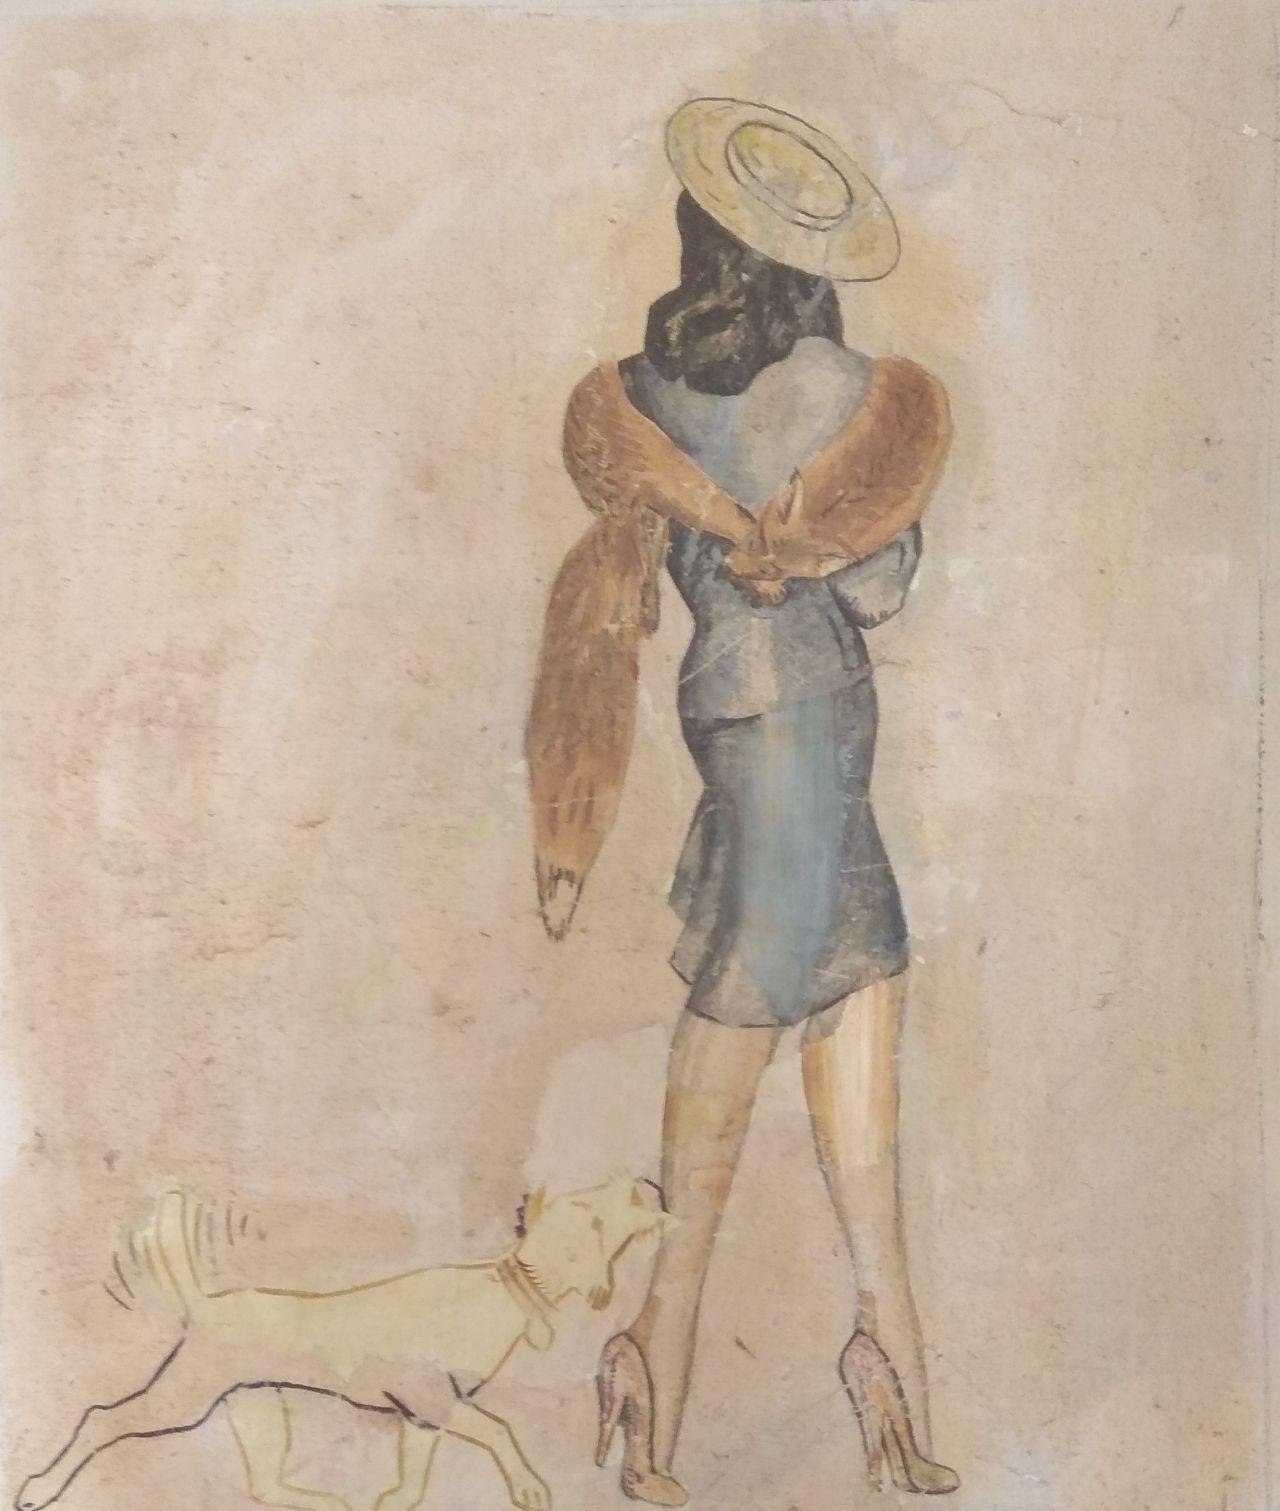 Ο σκύλος ακολουθεί την πανέμορφη κυρία